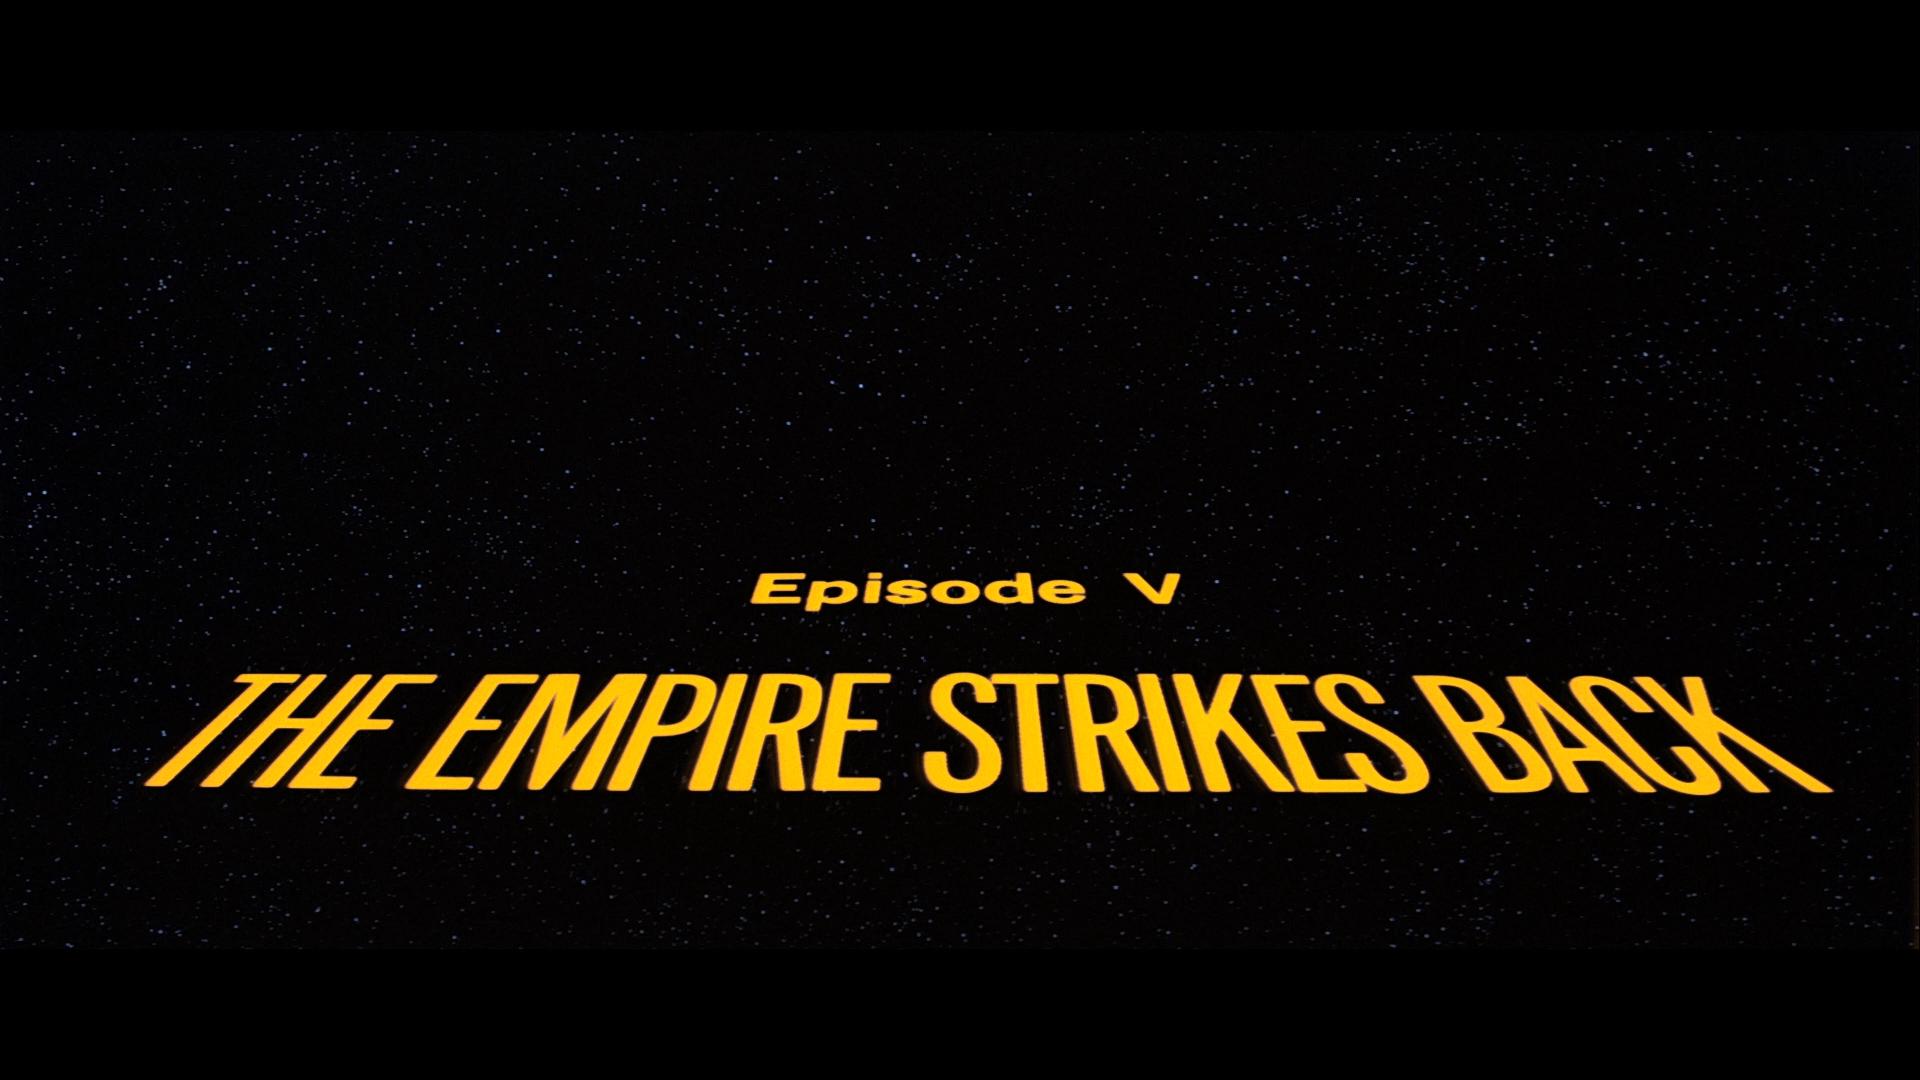 Star Wars Episode V: The Empire Strikes Back Full HD